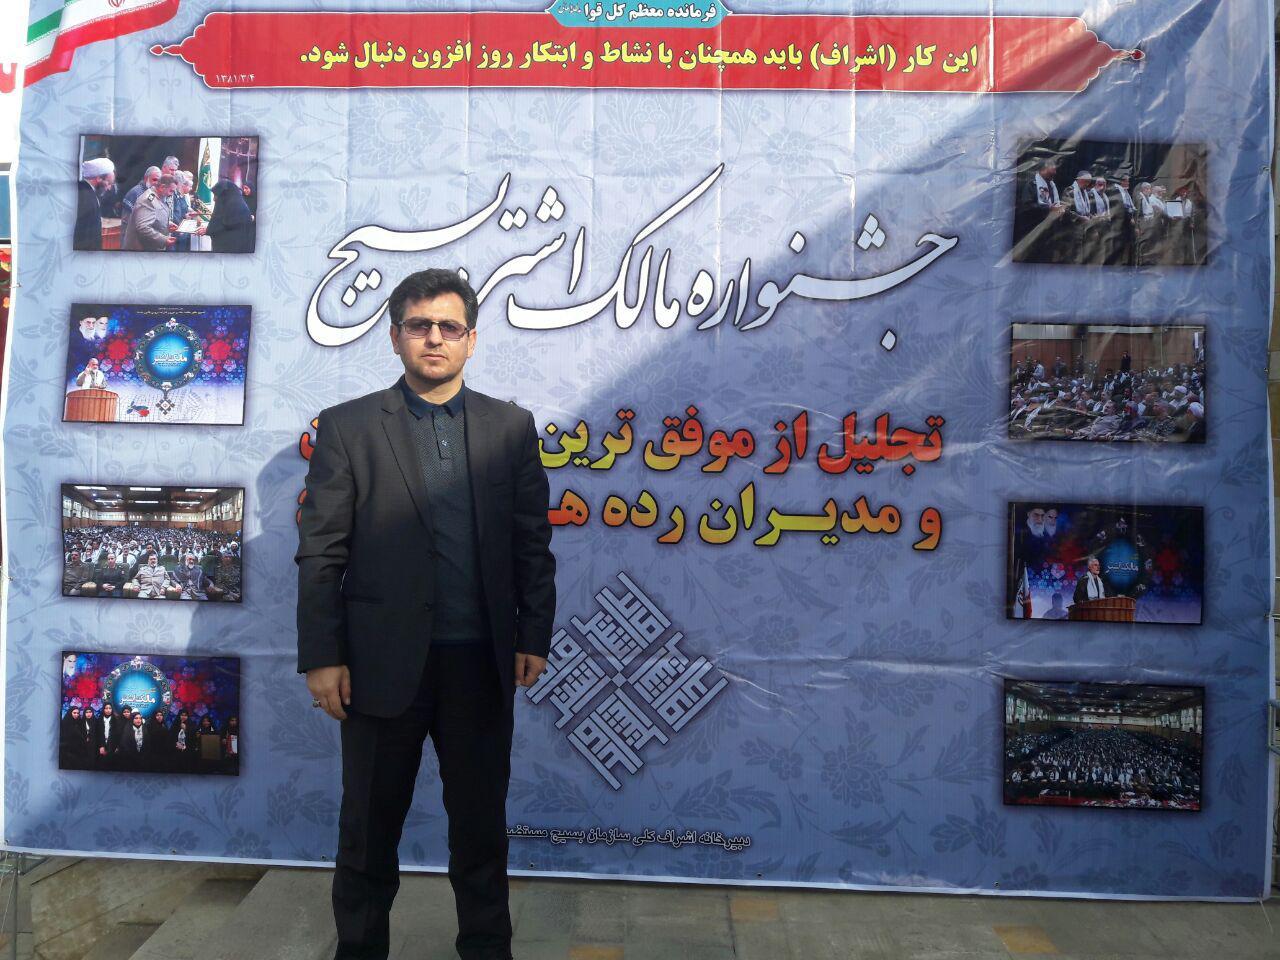 شهرام محمدی به عنوان مدیرنمونه بسیج کشور انتخاب شد